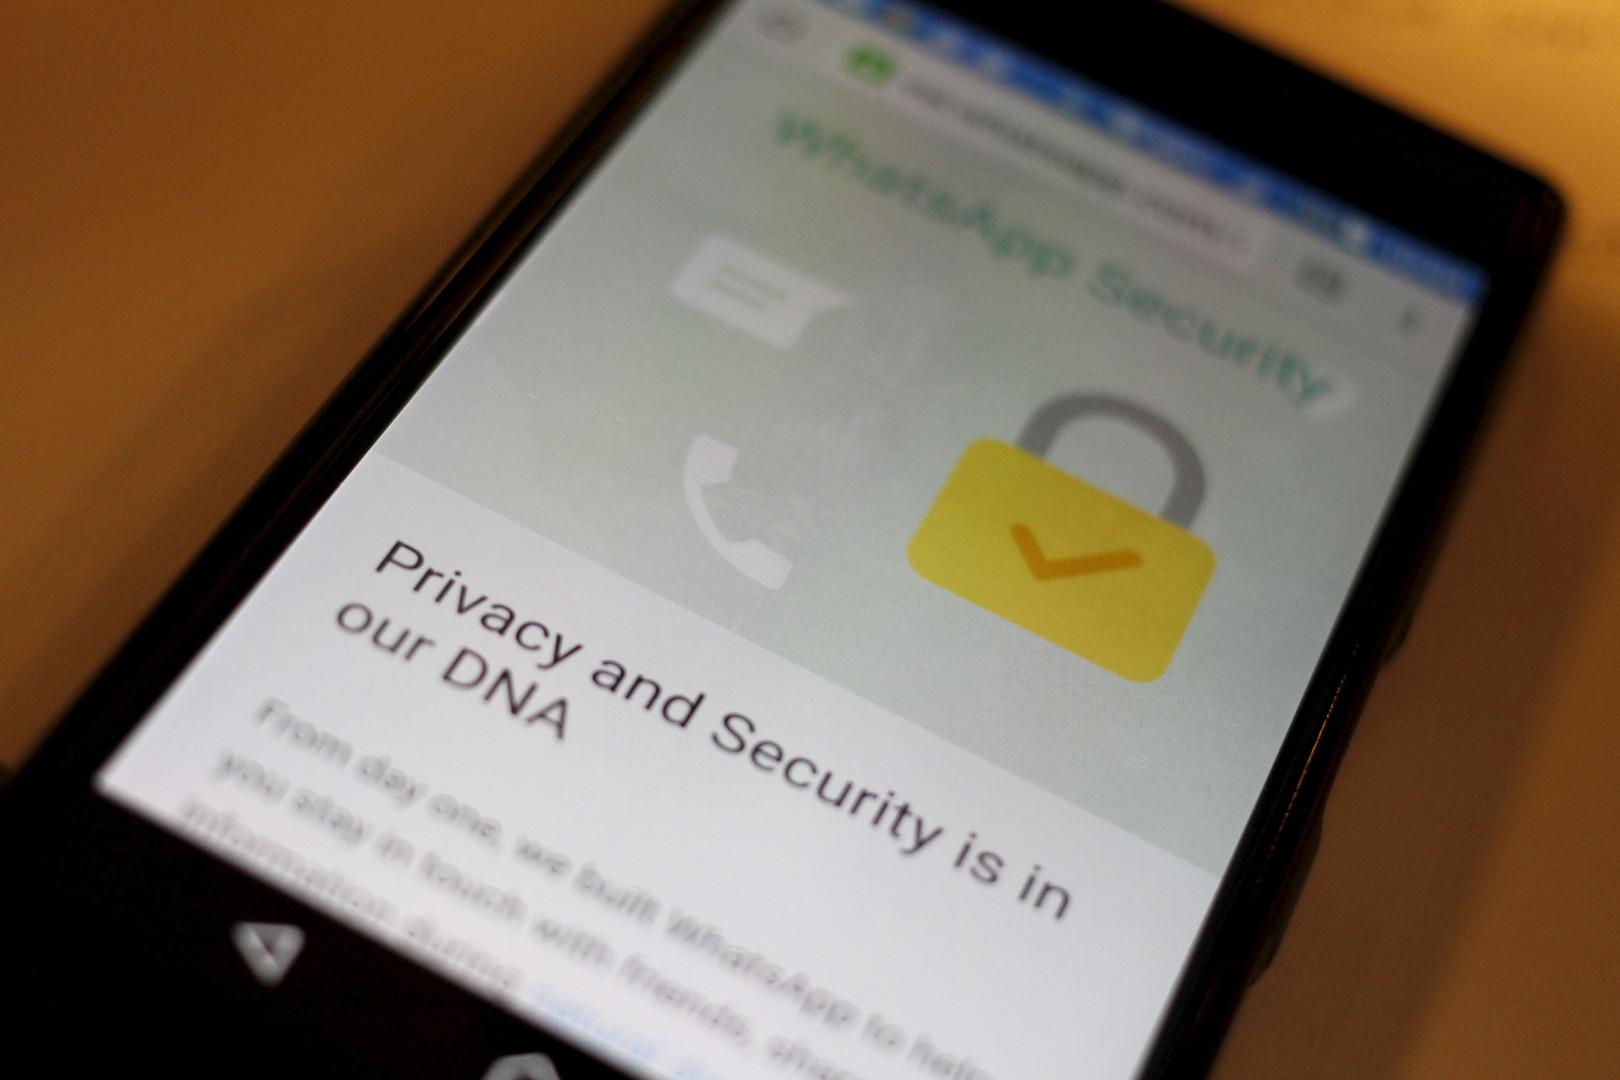 Вас спросить забыли: у WhatsApp могут быть проблемы из-за раскрытия данных пользователей